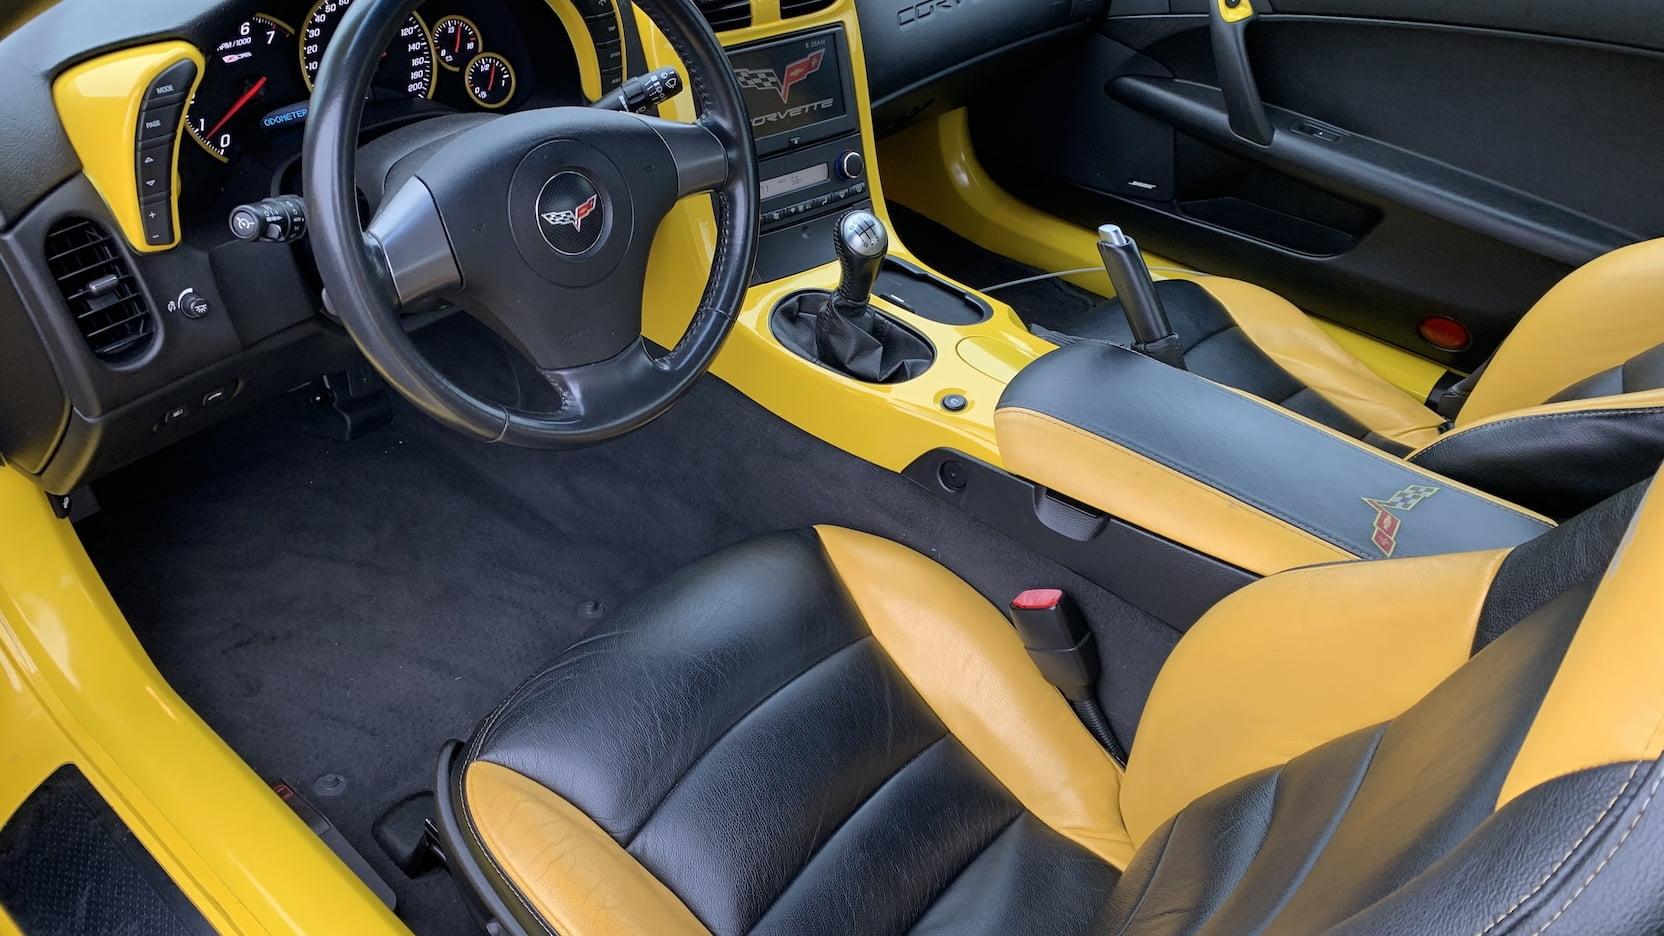 2006 Chevrolet Corvette Coupe interior